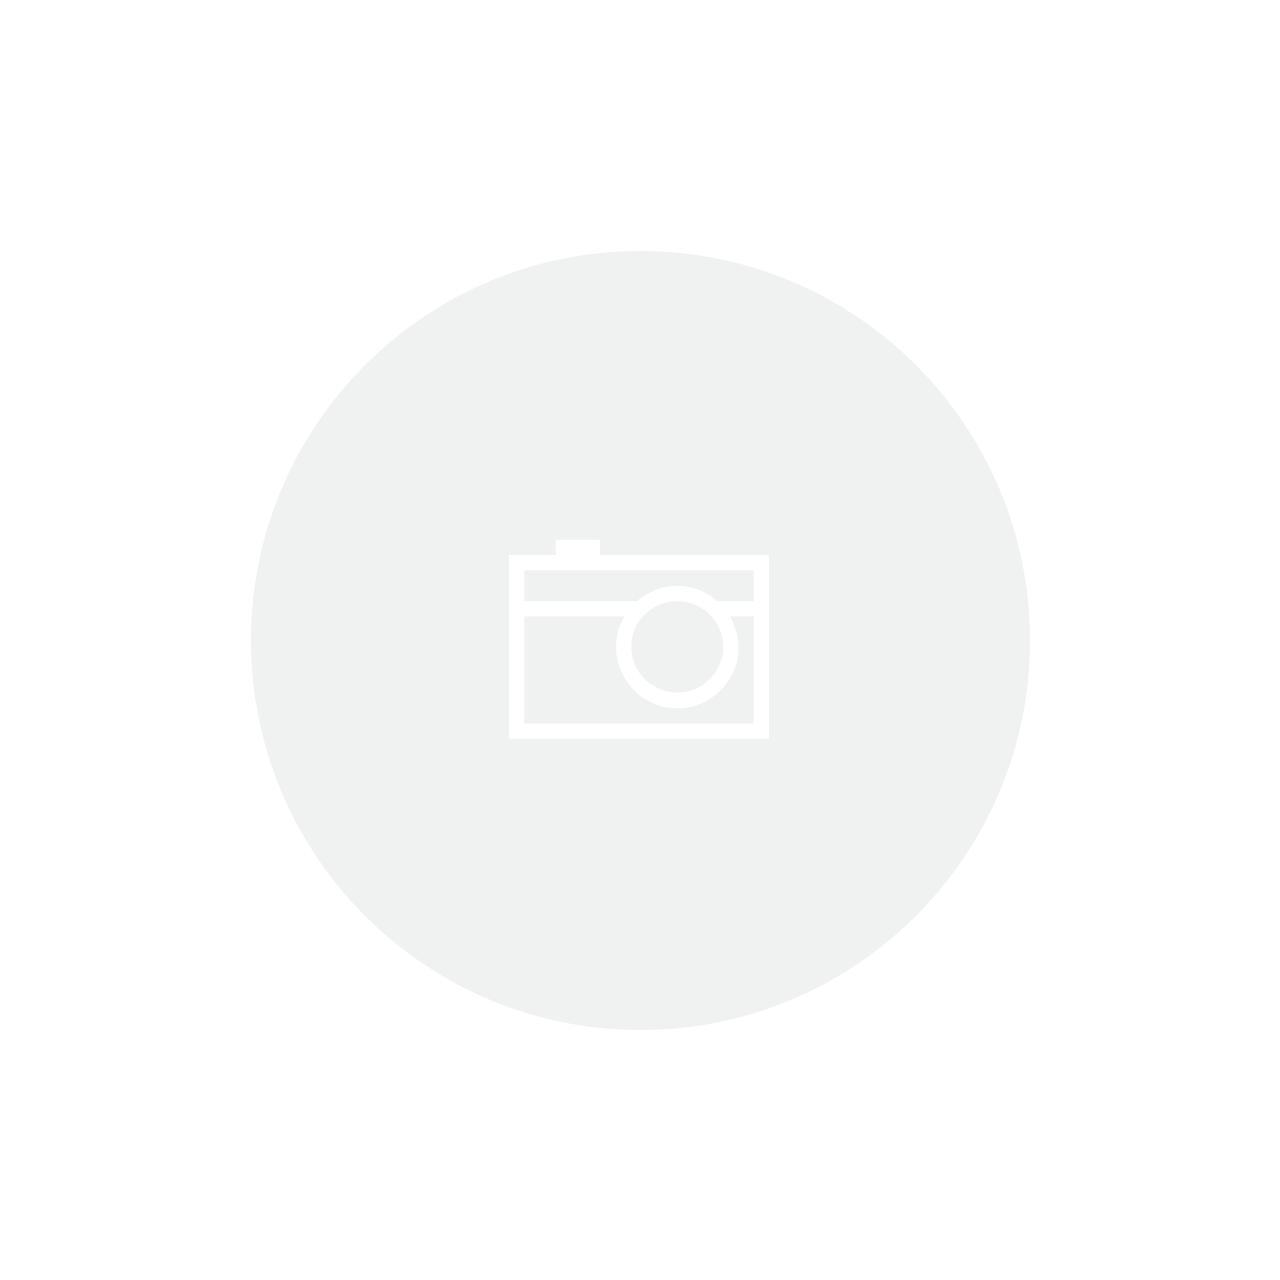 CARAMANHOLA 550ML ELITE FLY MERIDA BAHRAIN - OGIGINAL